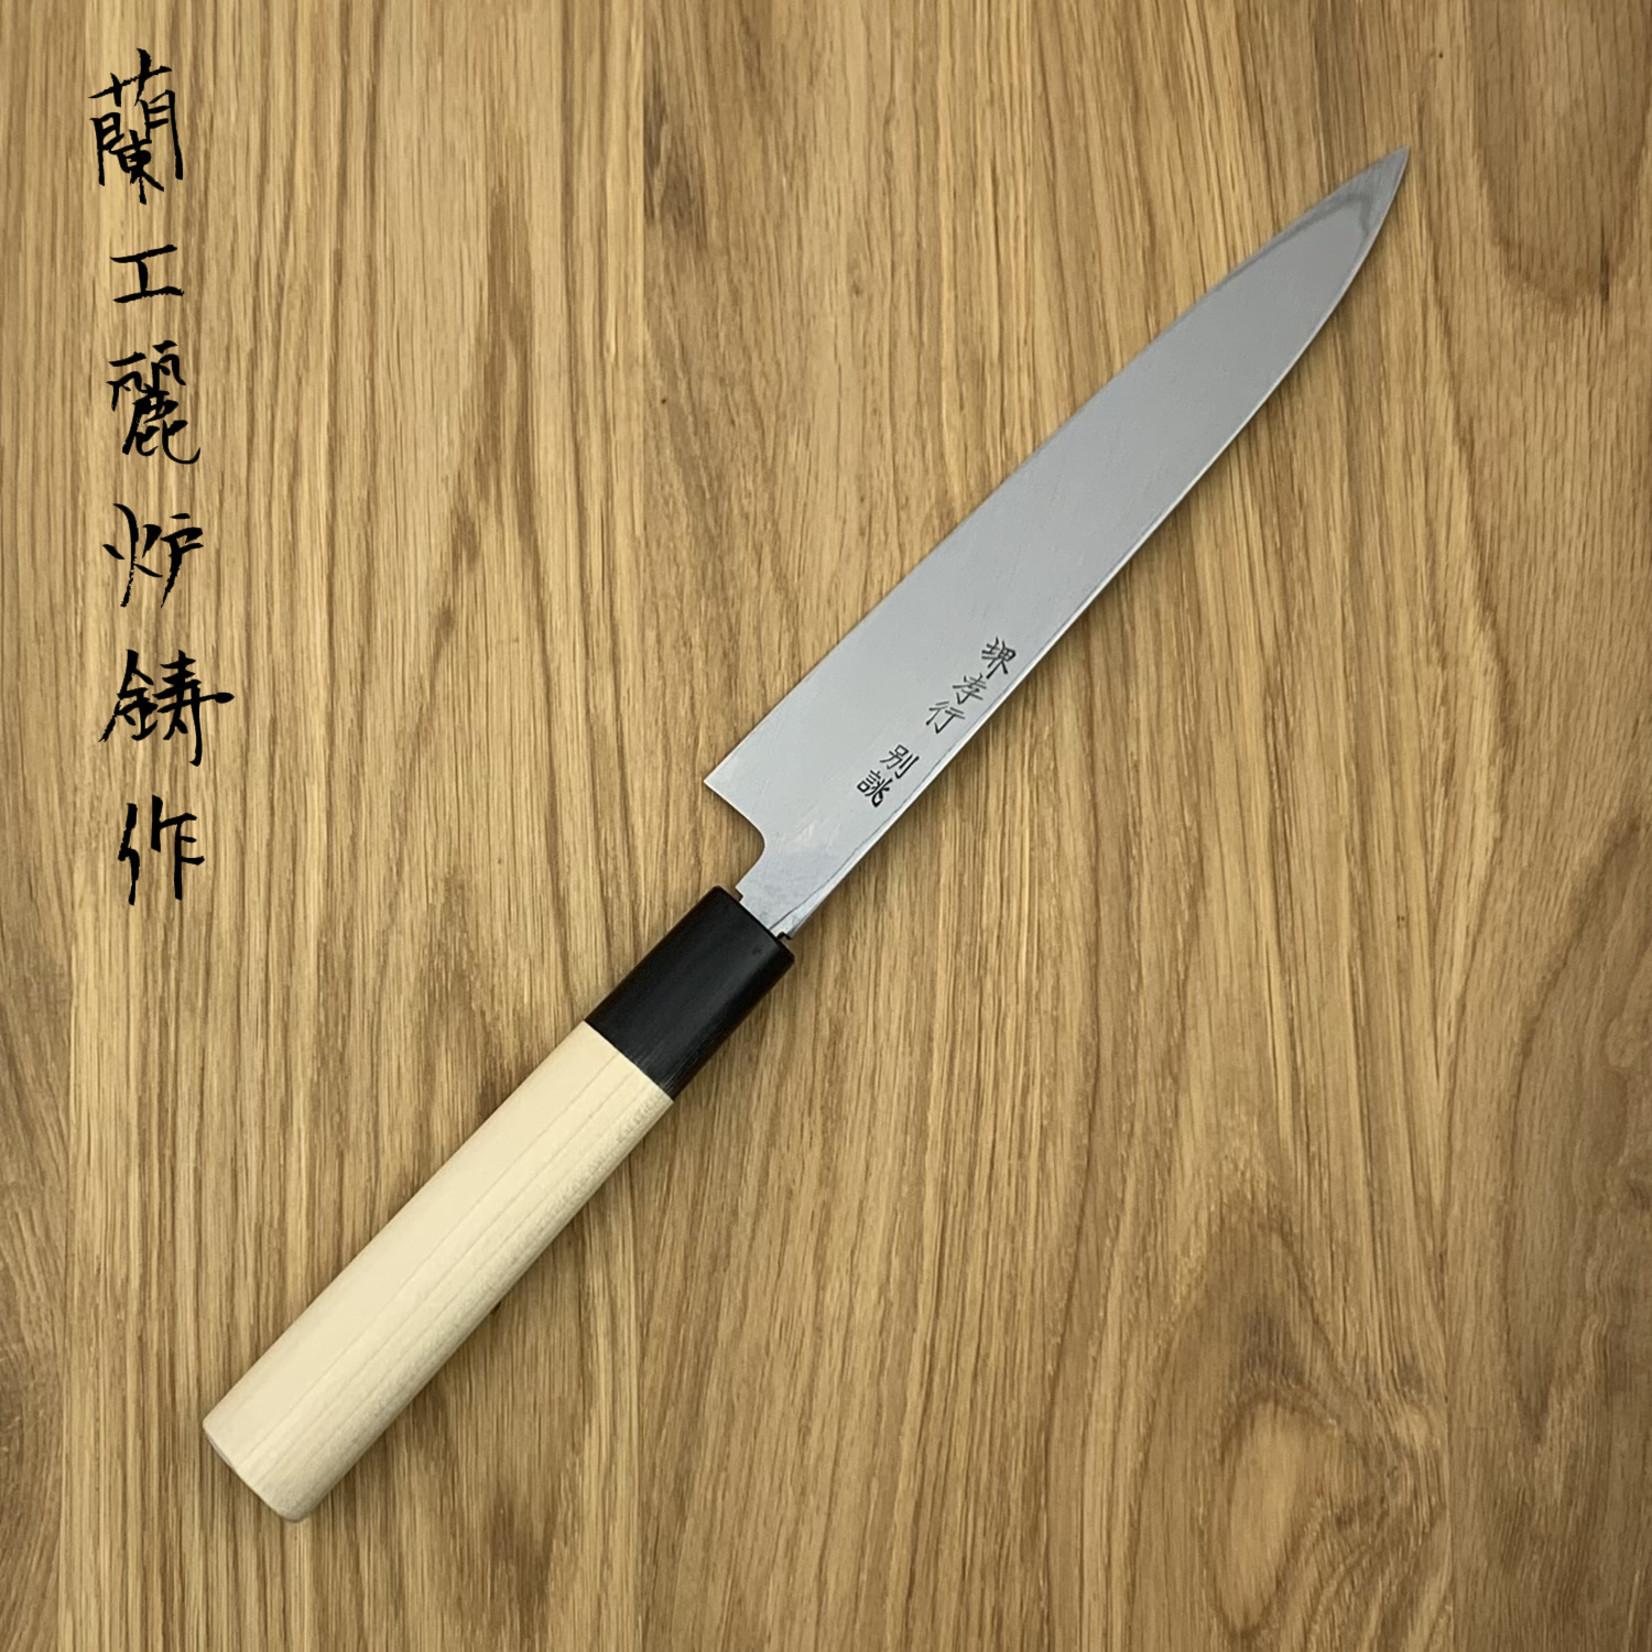 SAKAI TAKAYUKI Tokujou White #2 Petty Kiwami 180 mm 03209